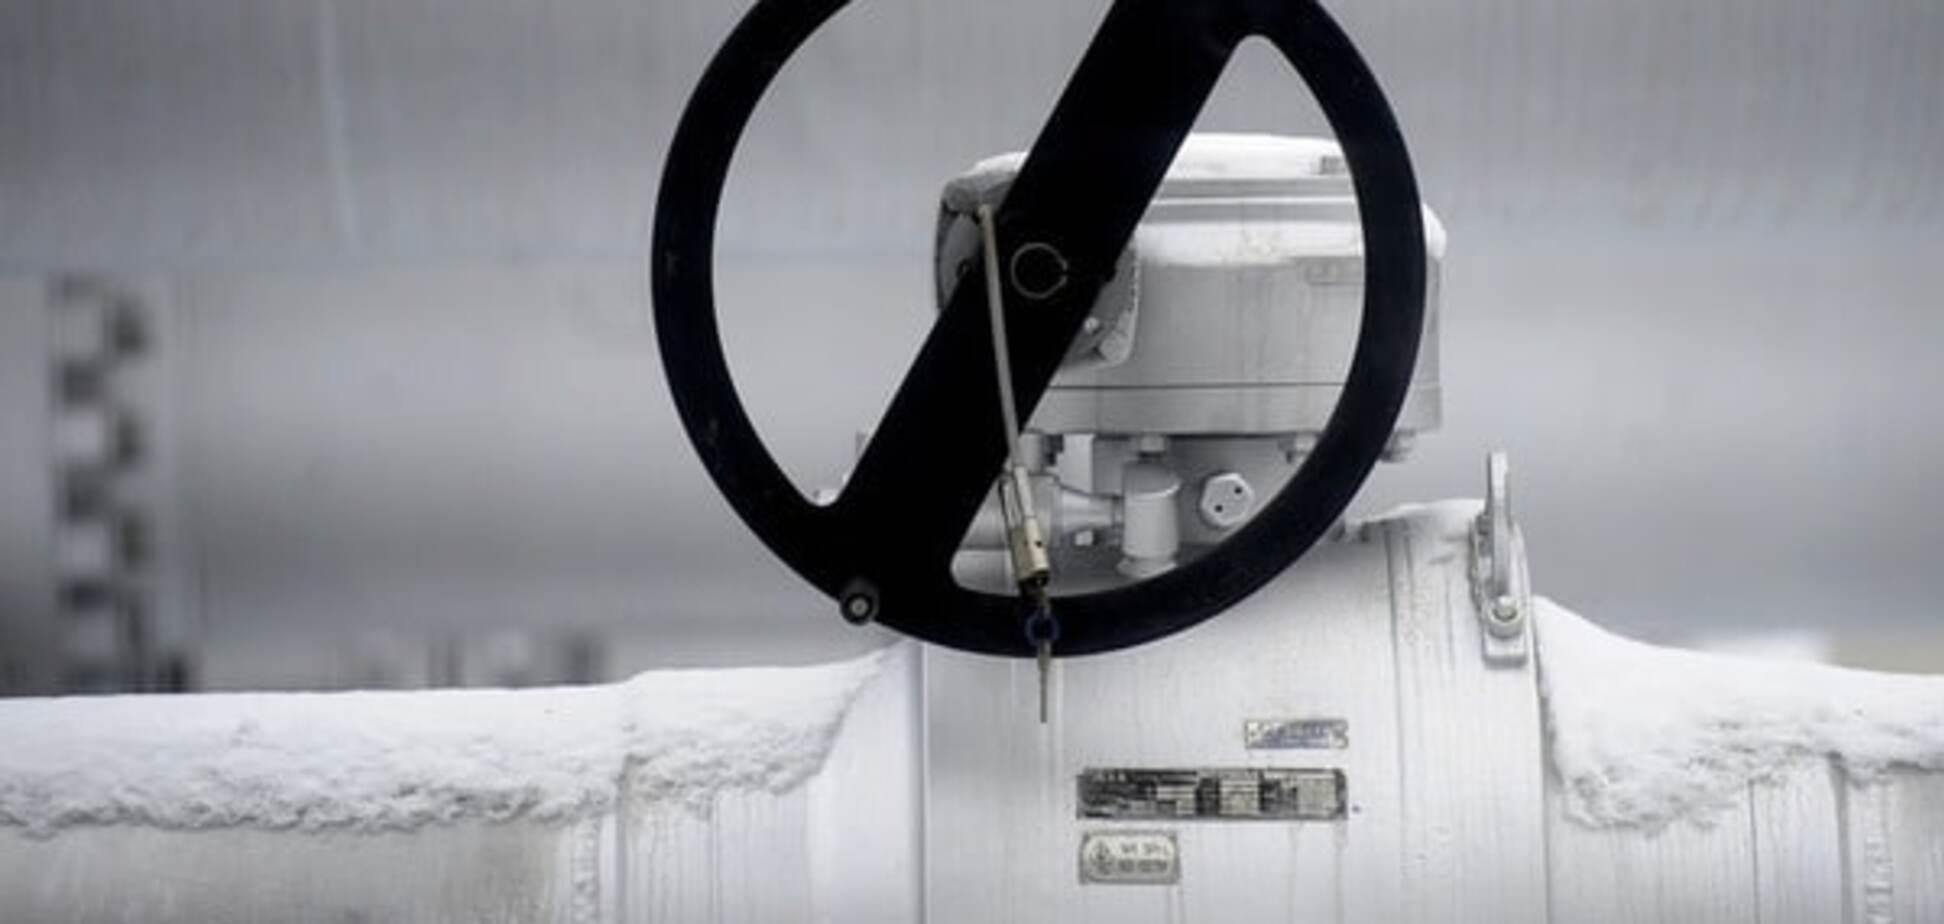 Мэр заявил, что оккупанты поставляют в Геническ 'отжатый' газ